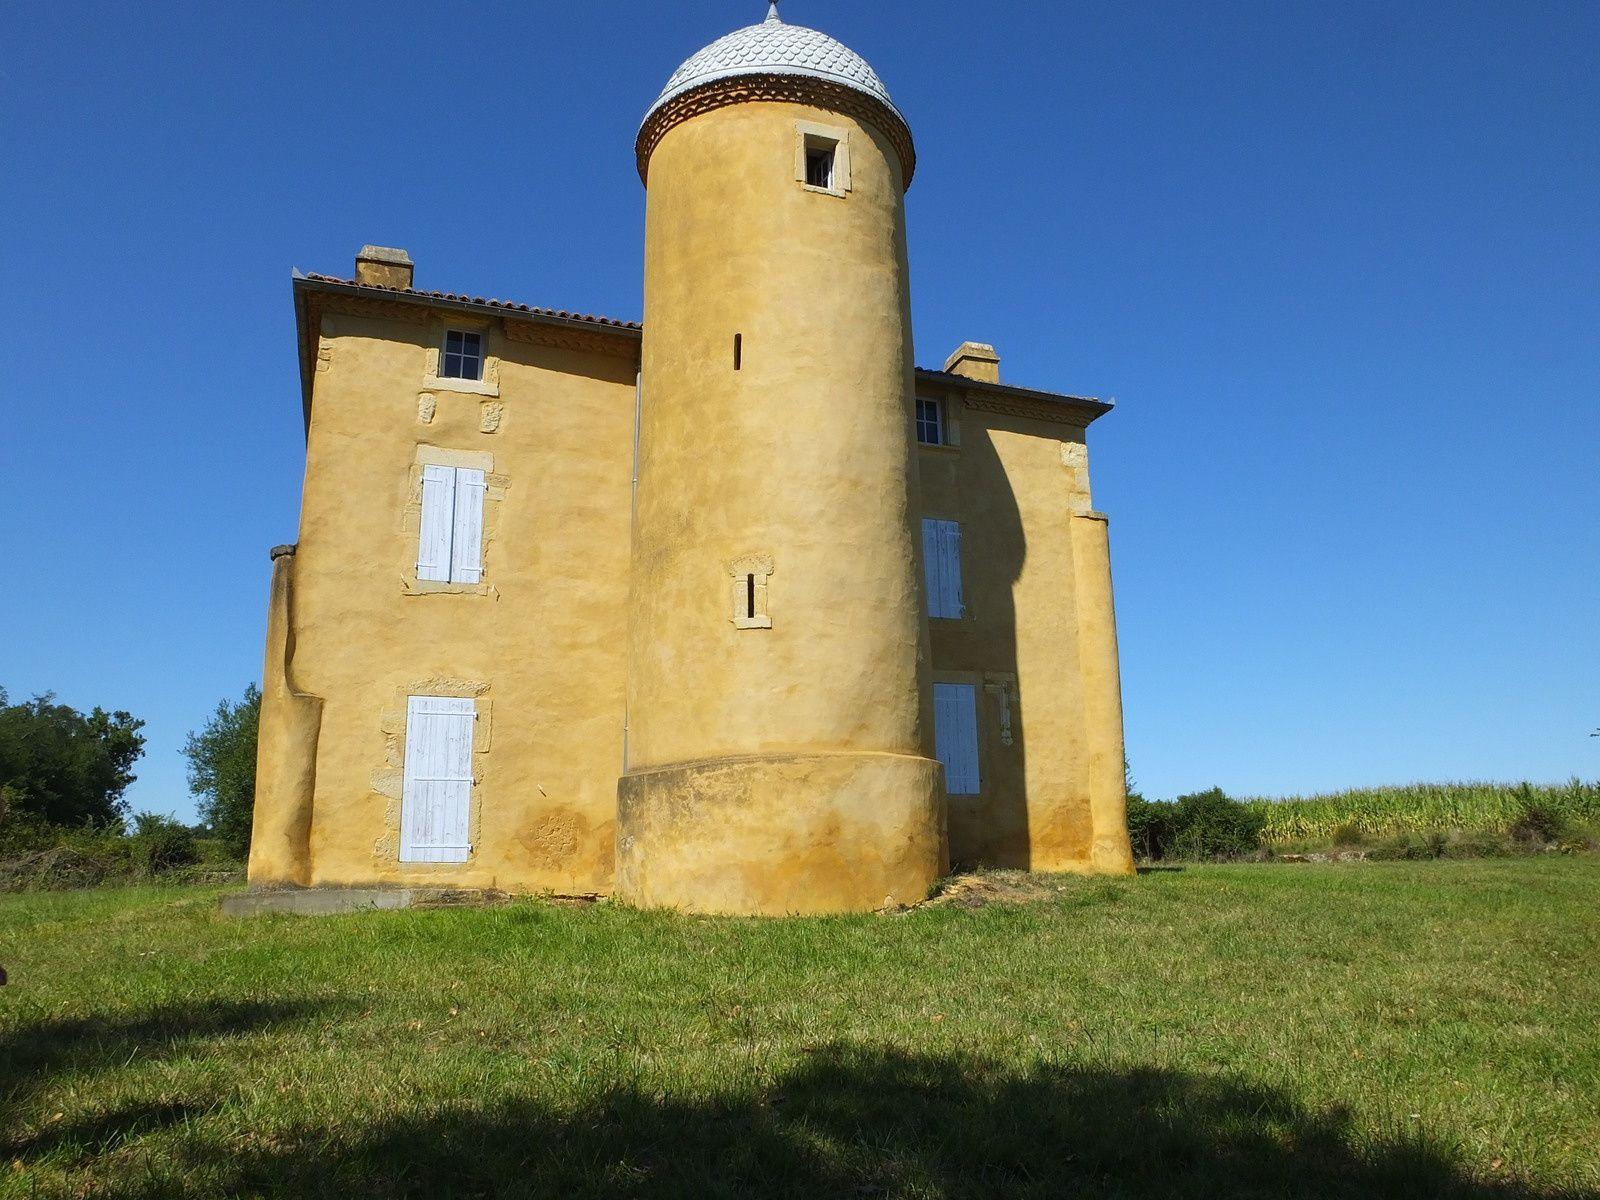 Villa Chantilly, caverie et cheminée de Couhin, Boucosse,  tour de Poyaler, moulin de toulouzette